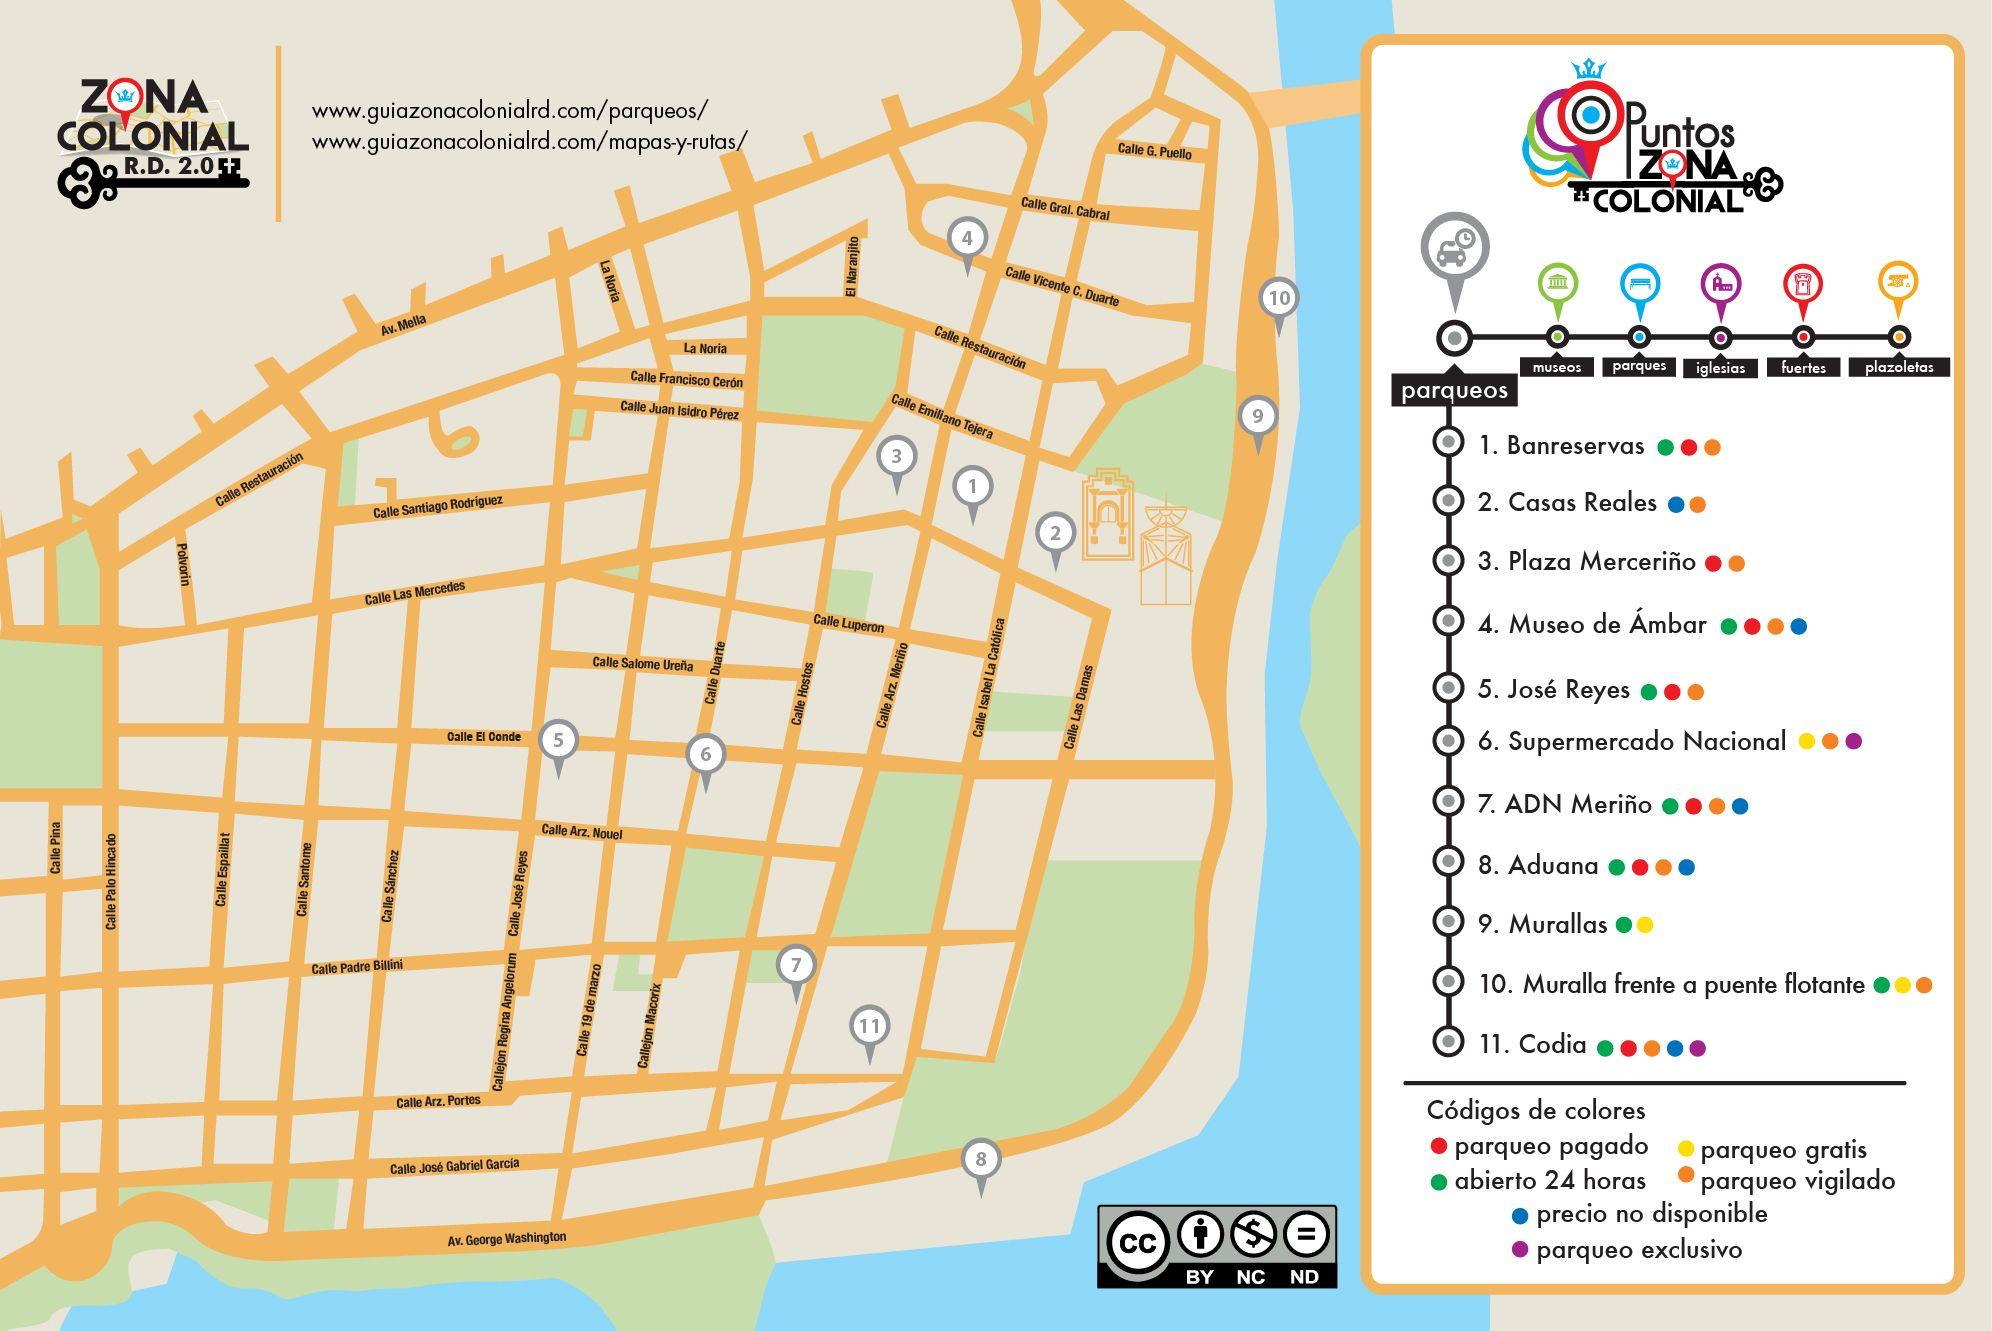 Mapa de los parqueos de la Zona Colonial ms informacin en nuestra